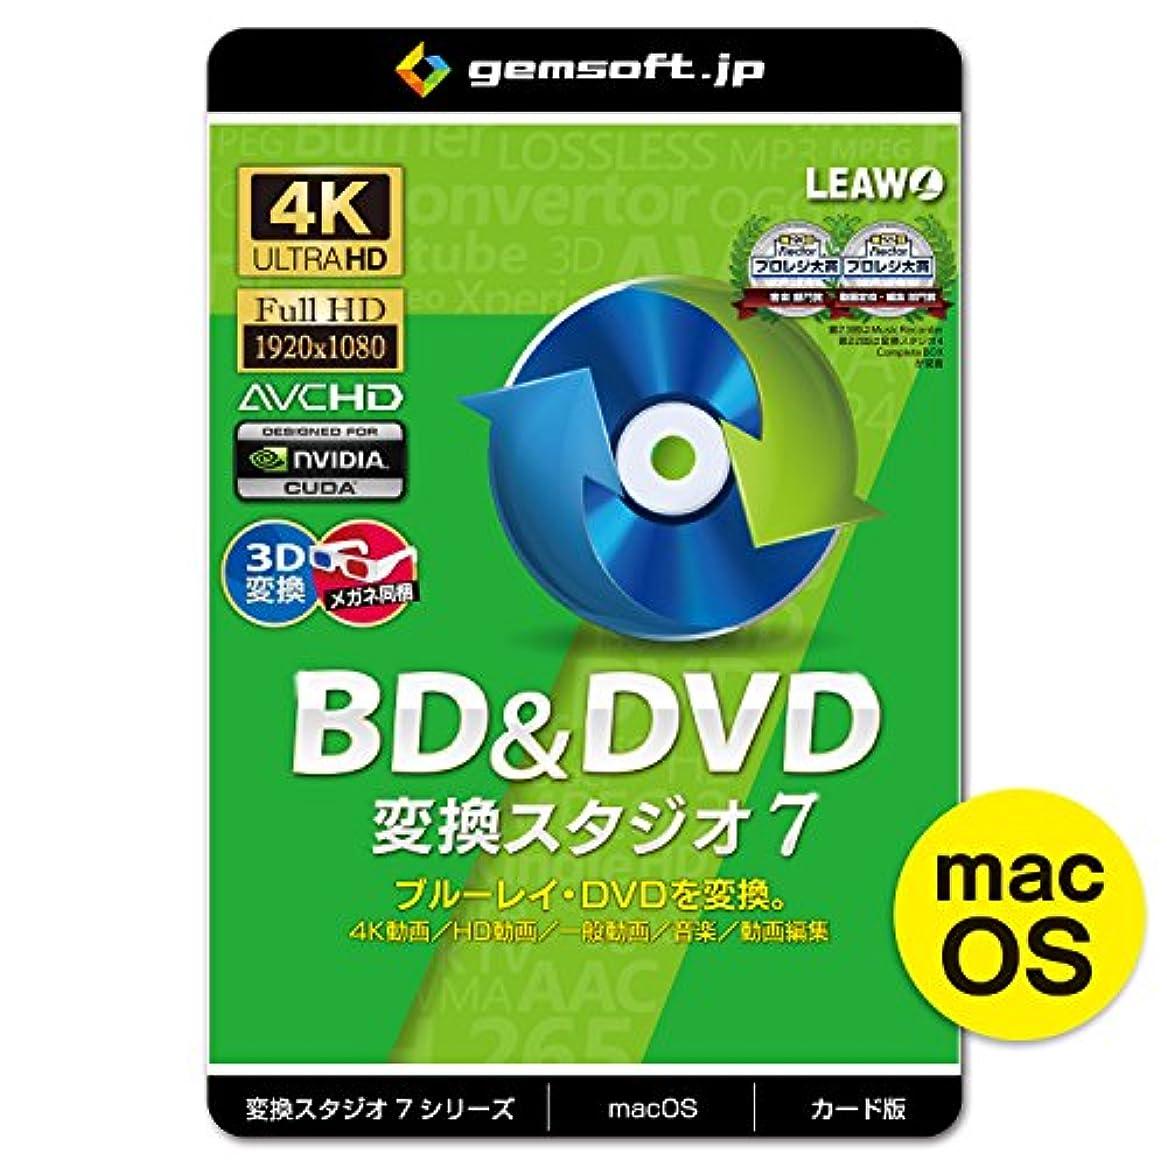 いとこインテリアディレクトリBD&DVD 変換スタジオ7 Mac版 | 変換スタジオ7シリーズ | カード版 | Mac対応